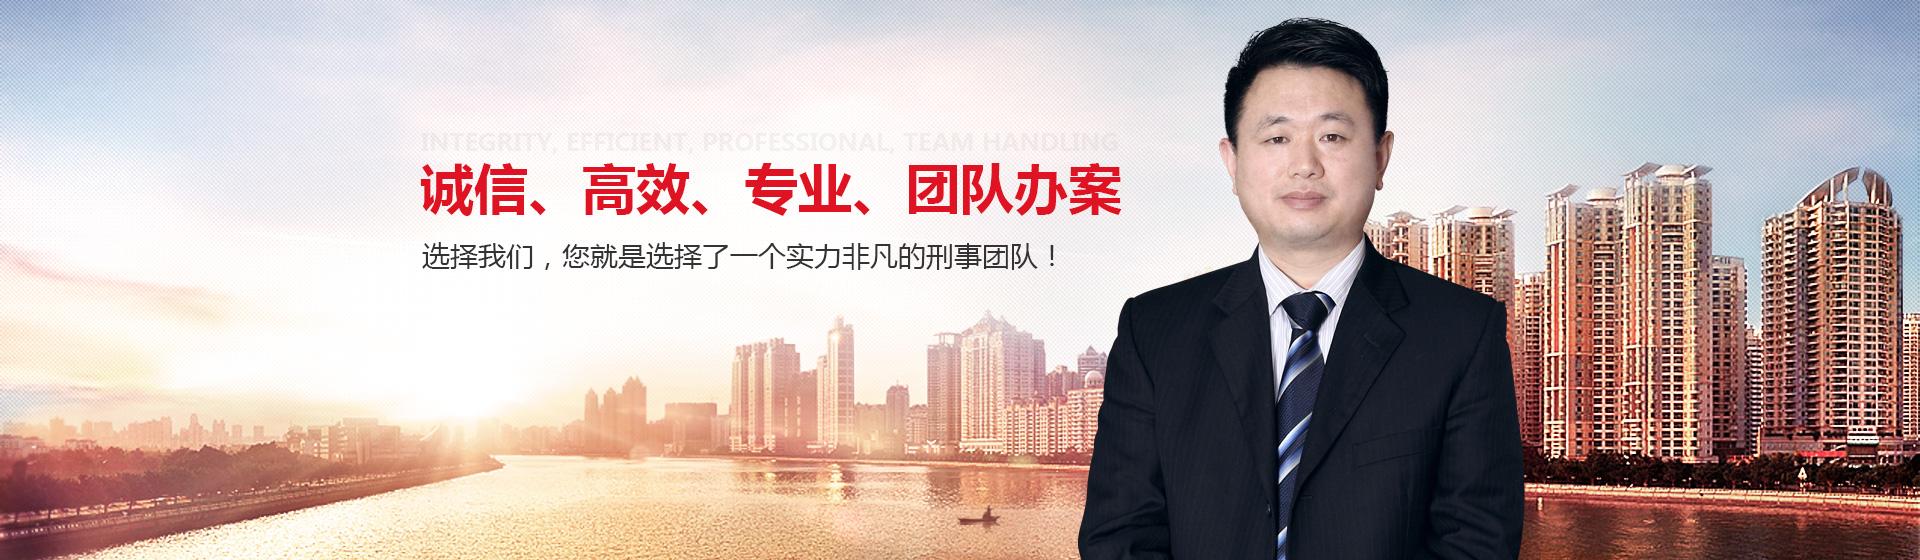 广州诈骗律师大图二